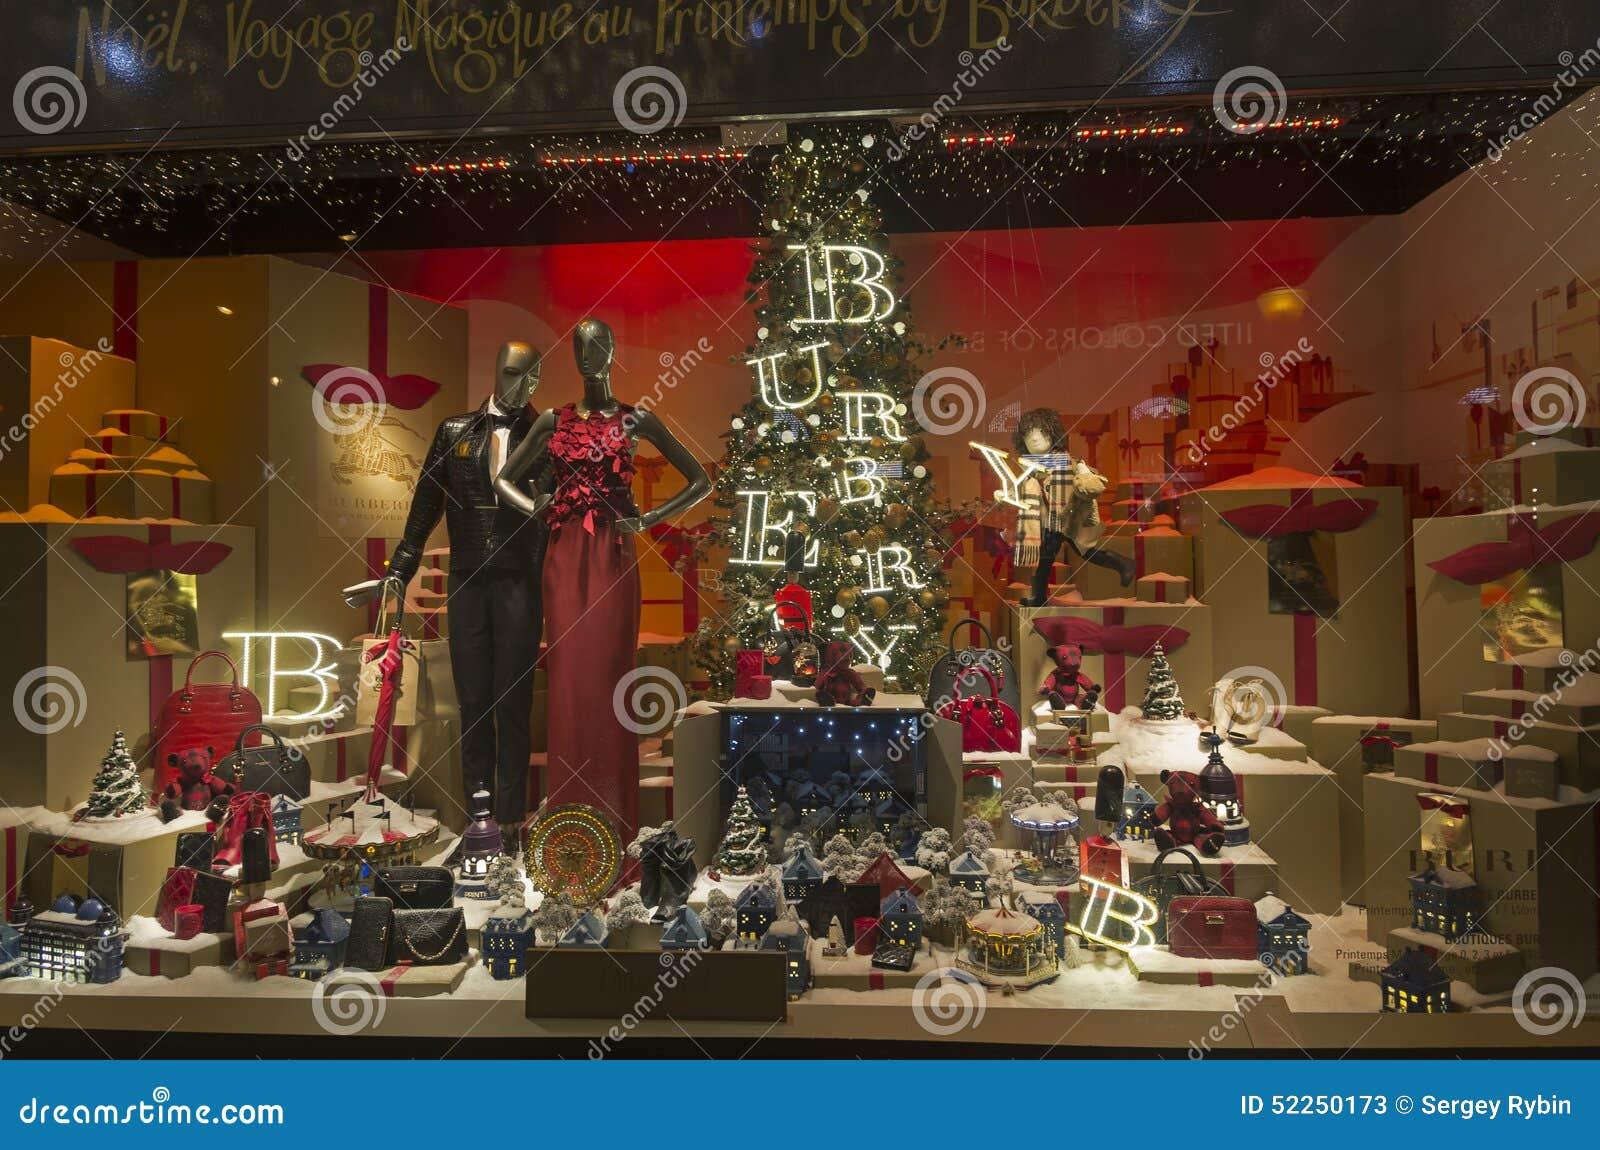 Festliche schaufensterdekoration im kaufhaus f r weihnachten redaktionelles stockfoto bild von - Schaufensterdekoration weihnachten ...